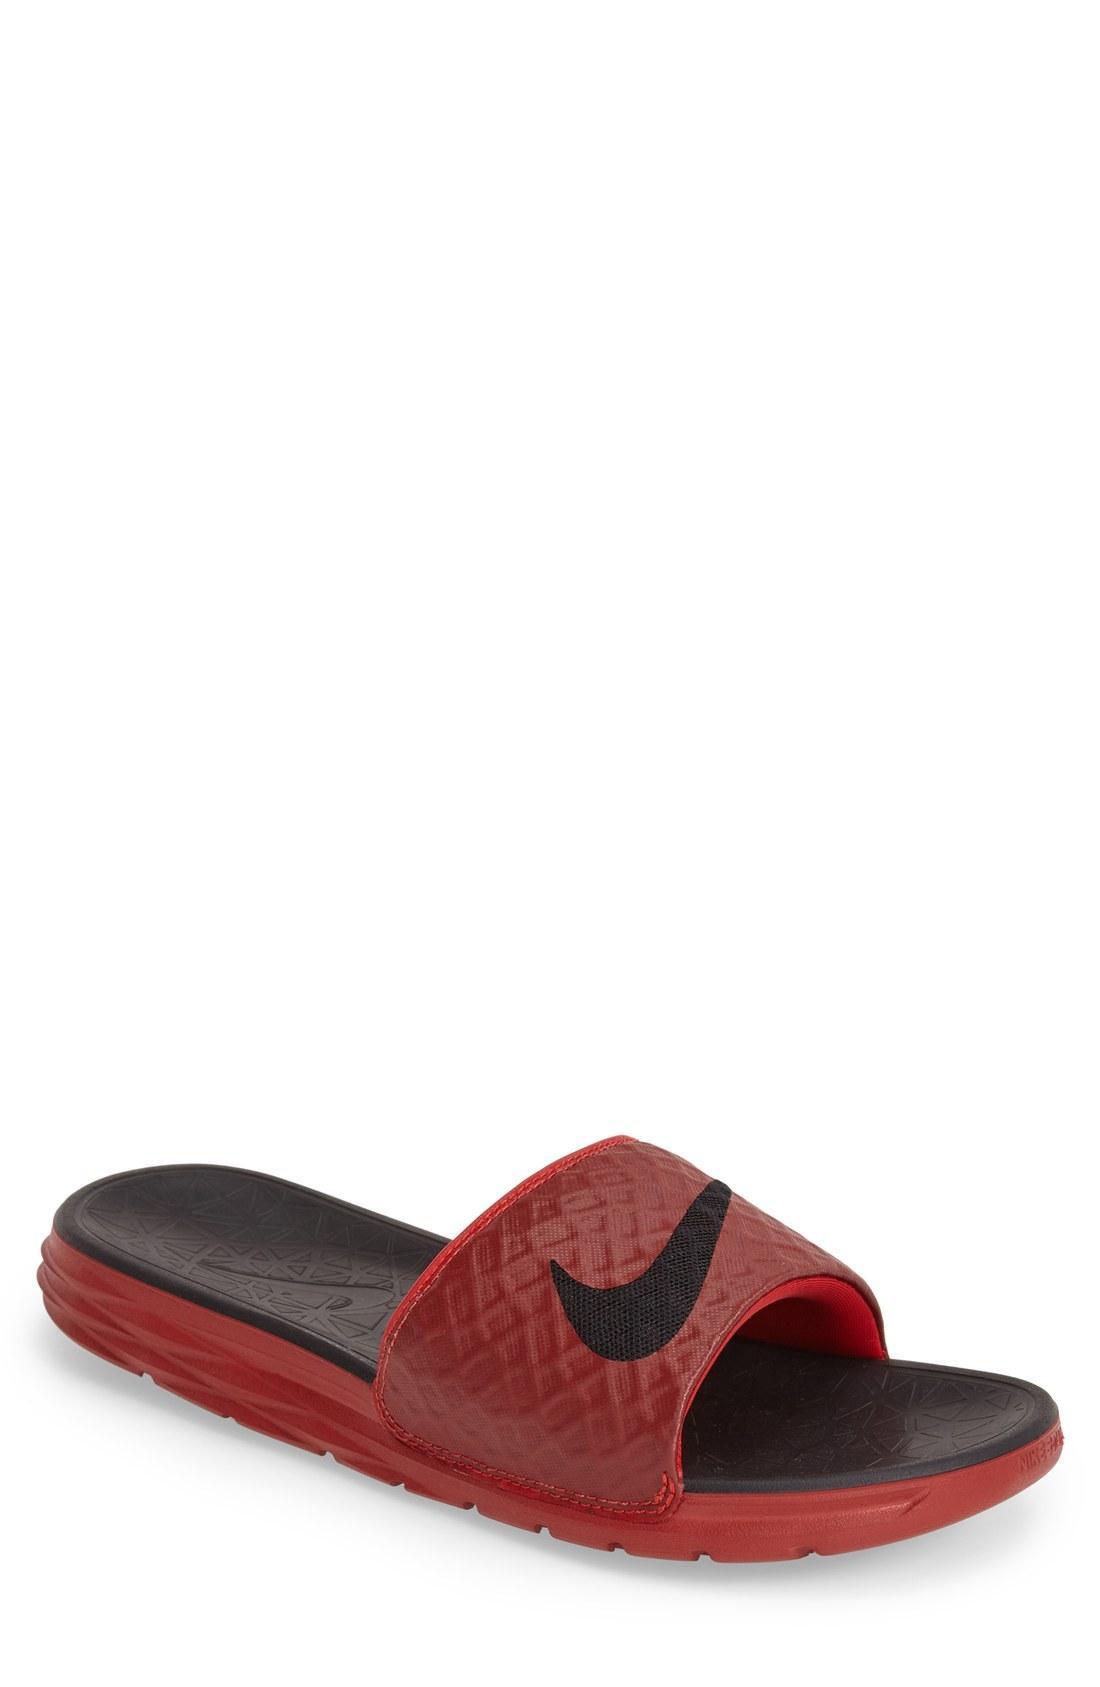 c66f7071c Nike  Benassi Solarsoft 2  Slide Sandal In University Red  Black ...